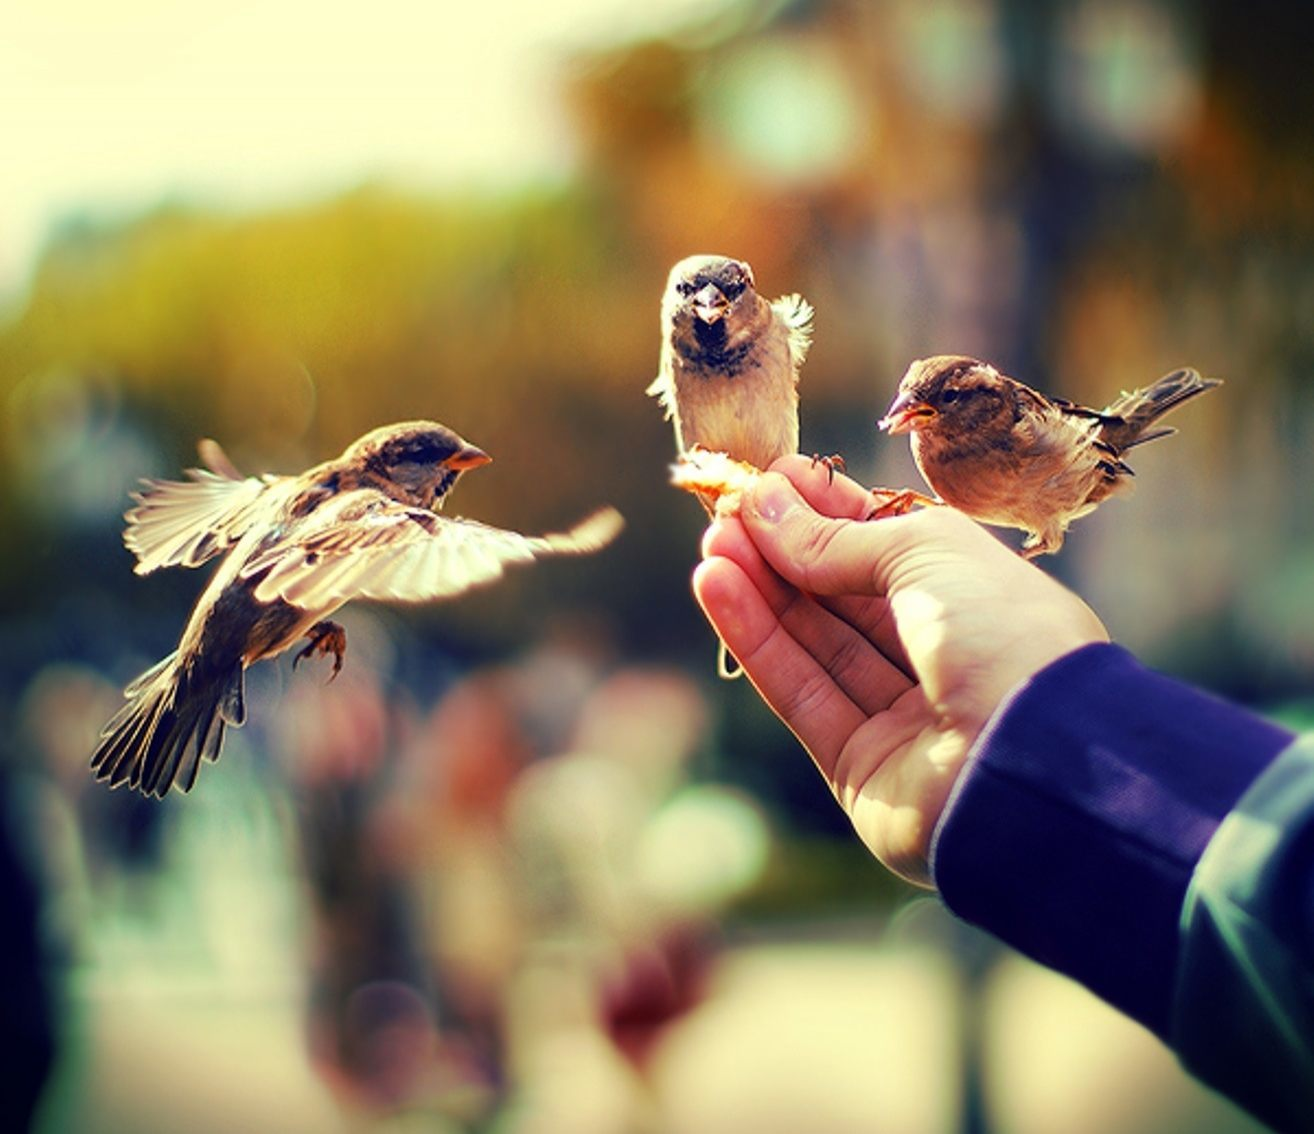 Прикольные картинки за доброту